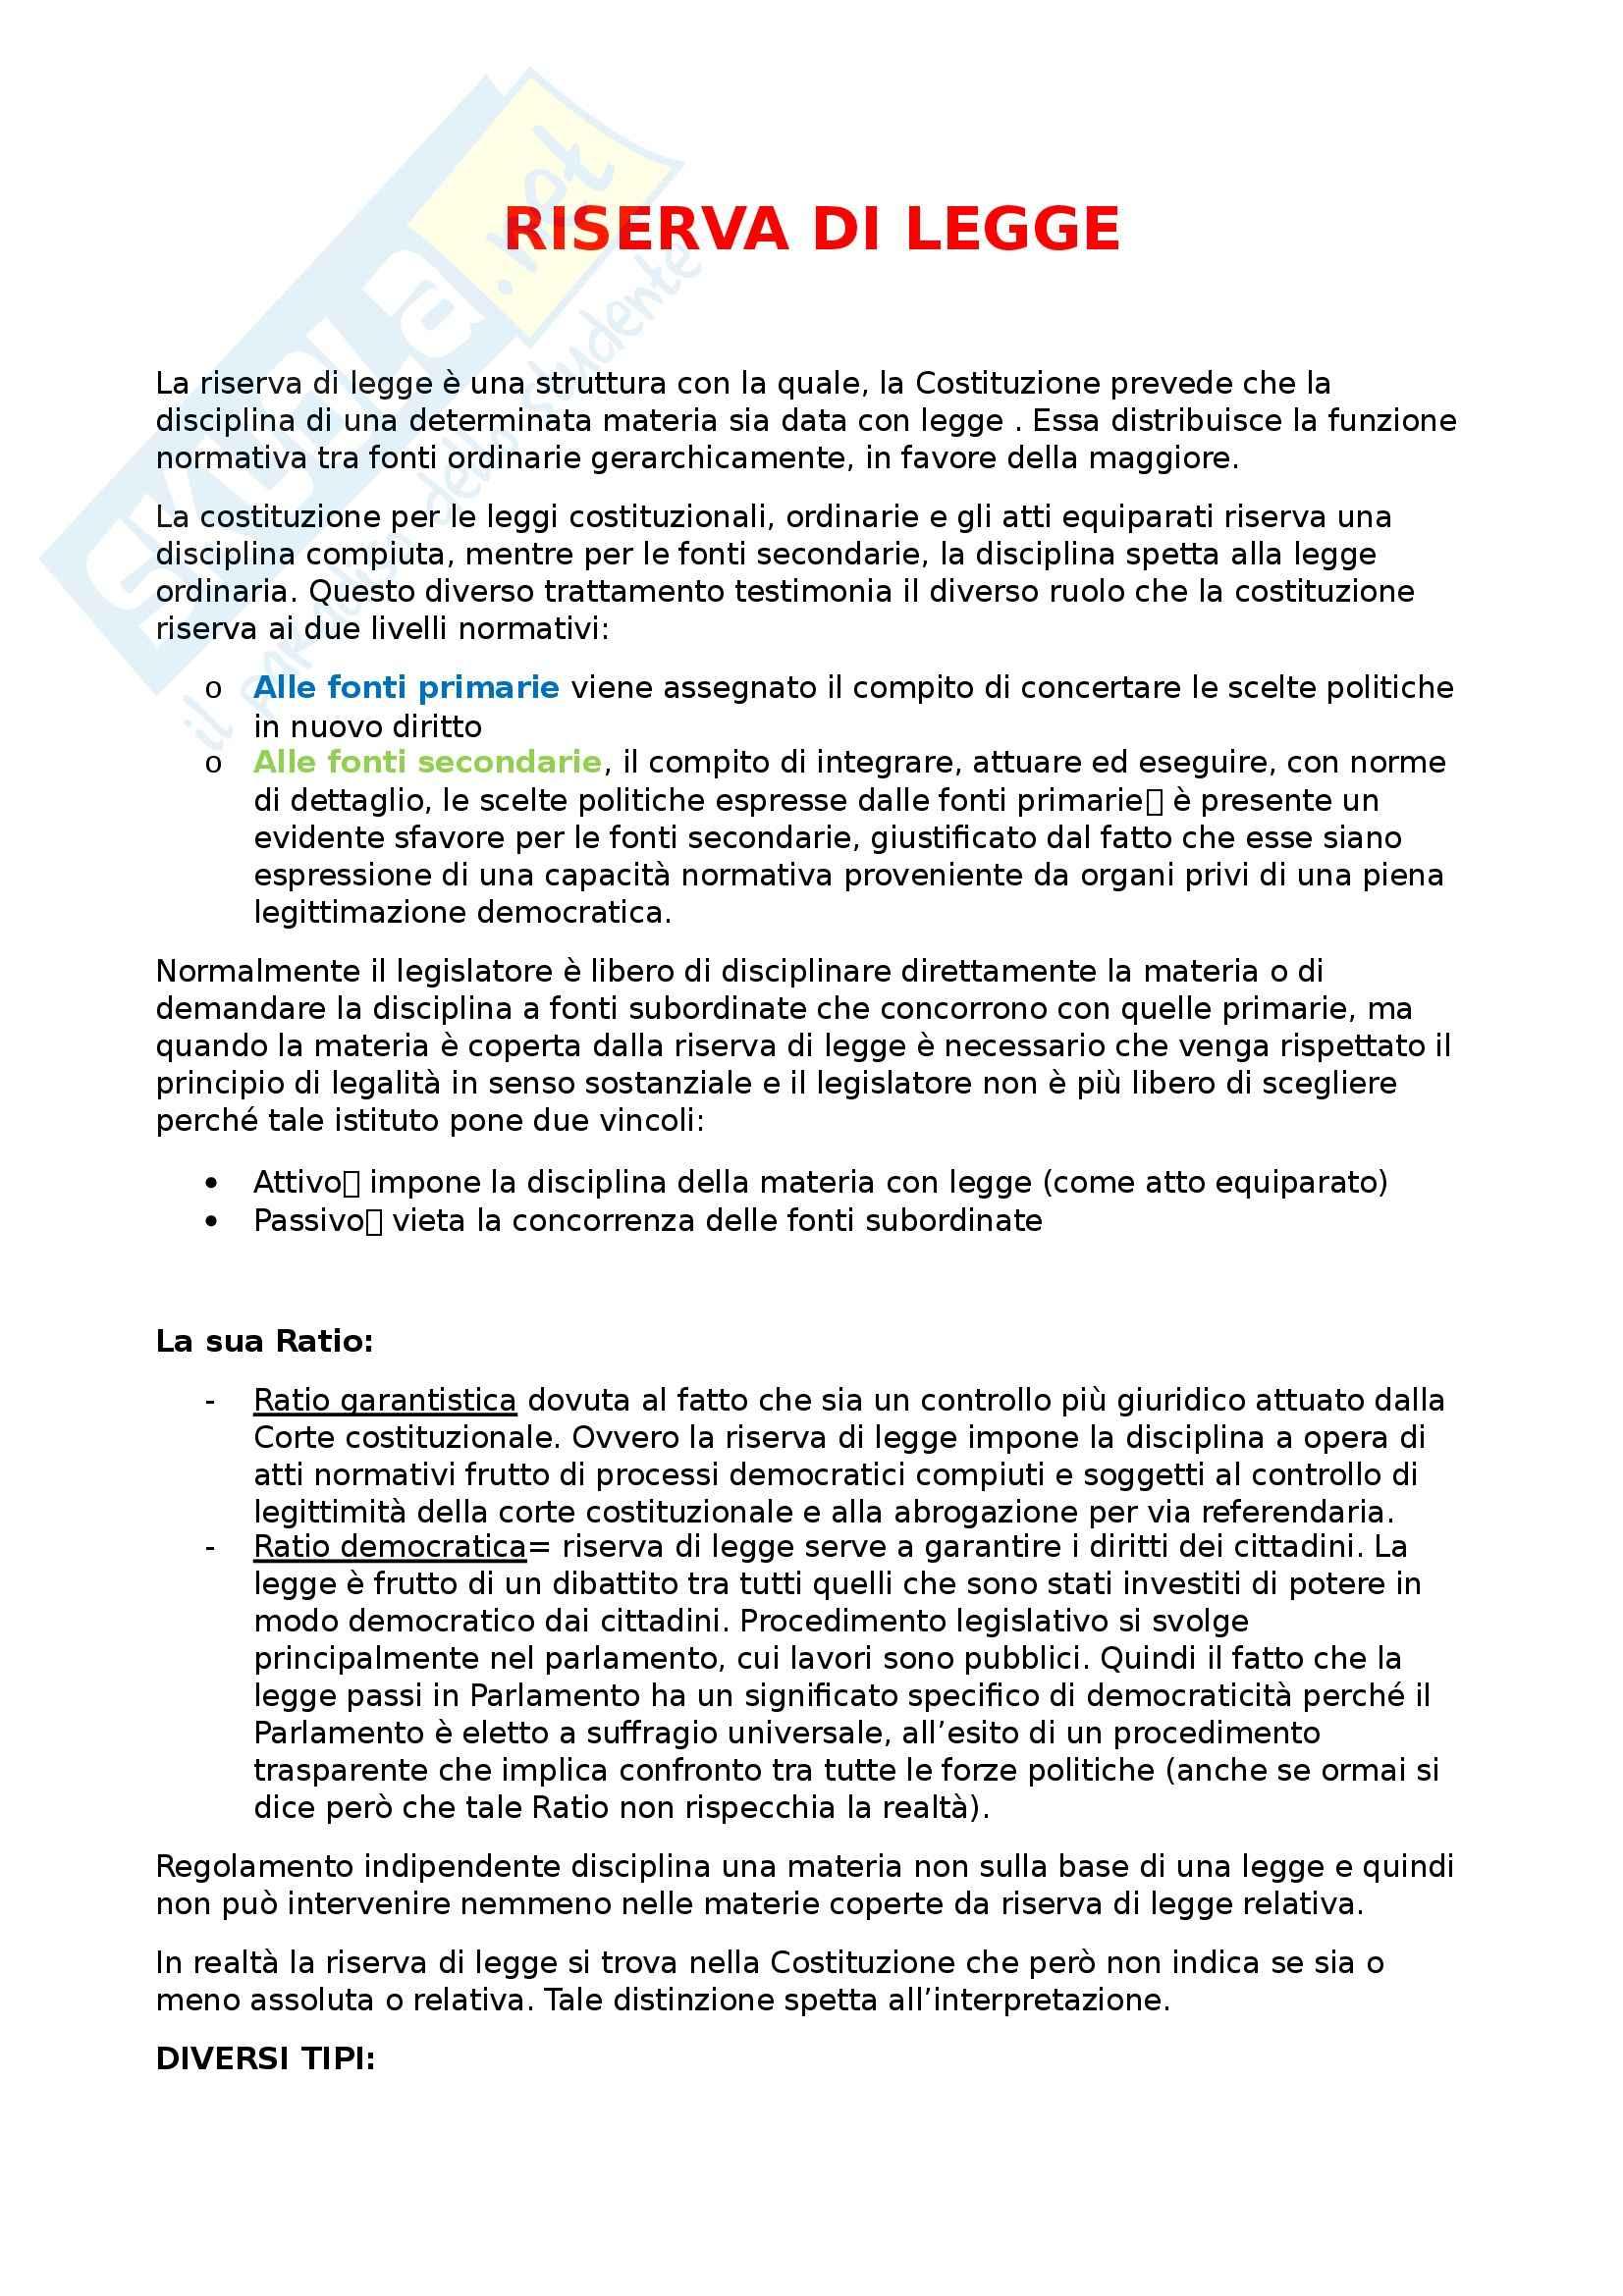 Diritto costituzionale - riserva di legge